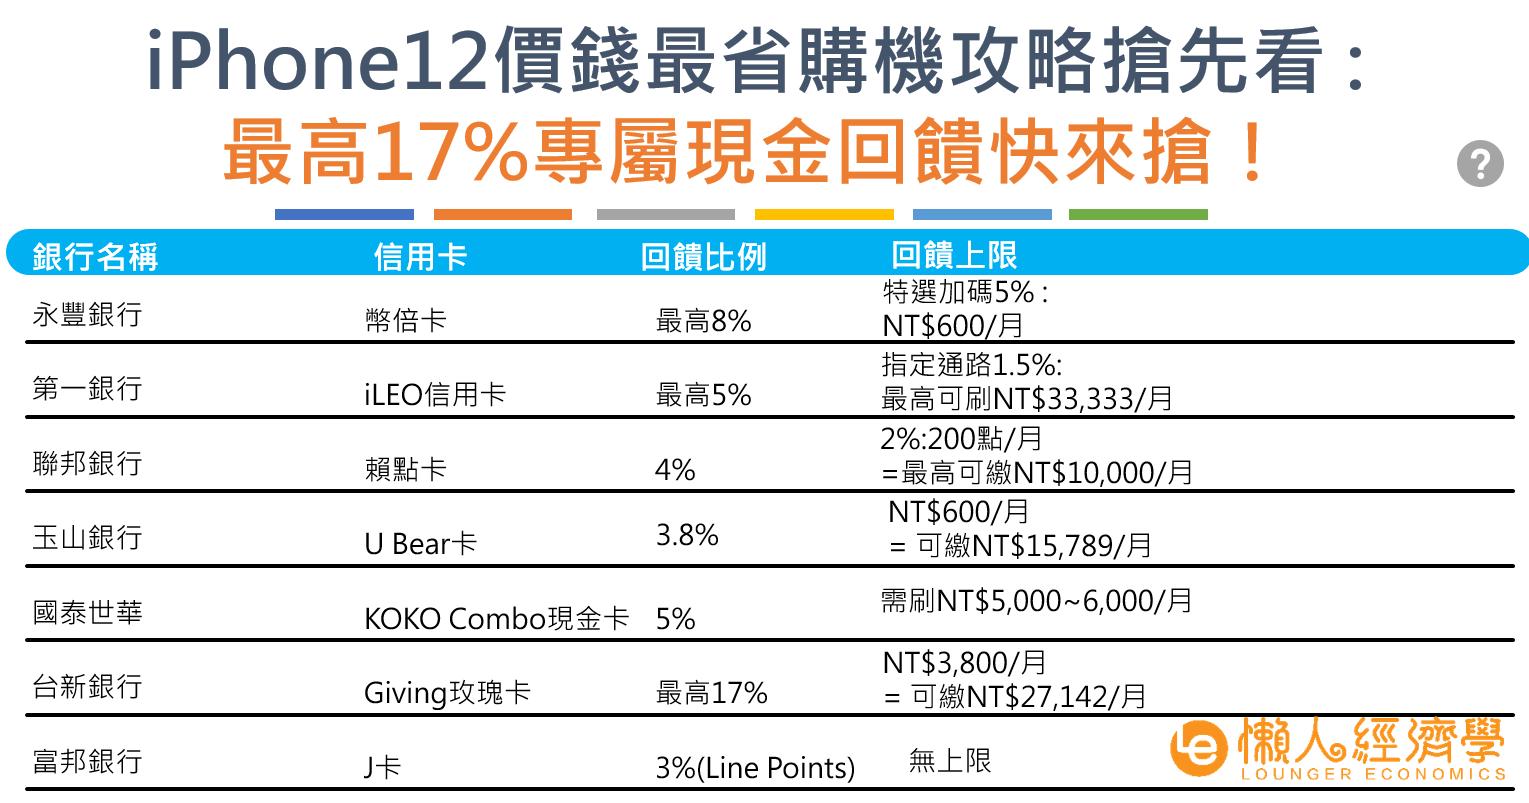 iPhone信用卡優惠指南:價錢最省購機攻略搶先看!最高17%專屬現金回饋快來搶!